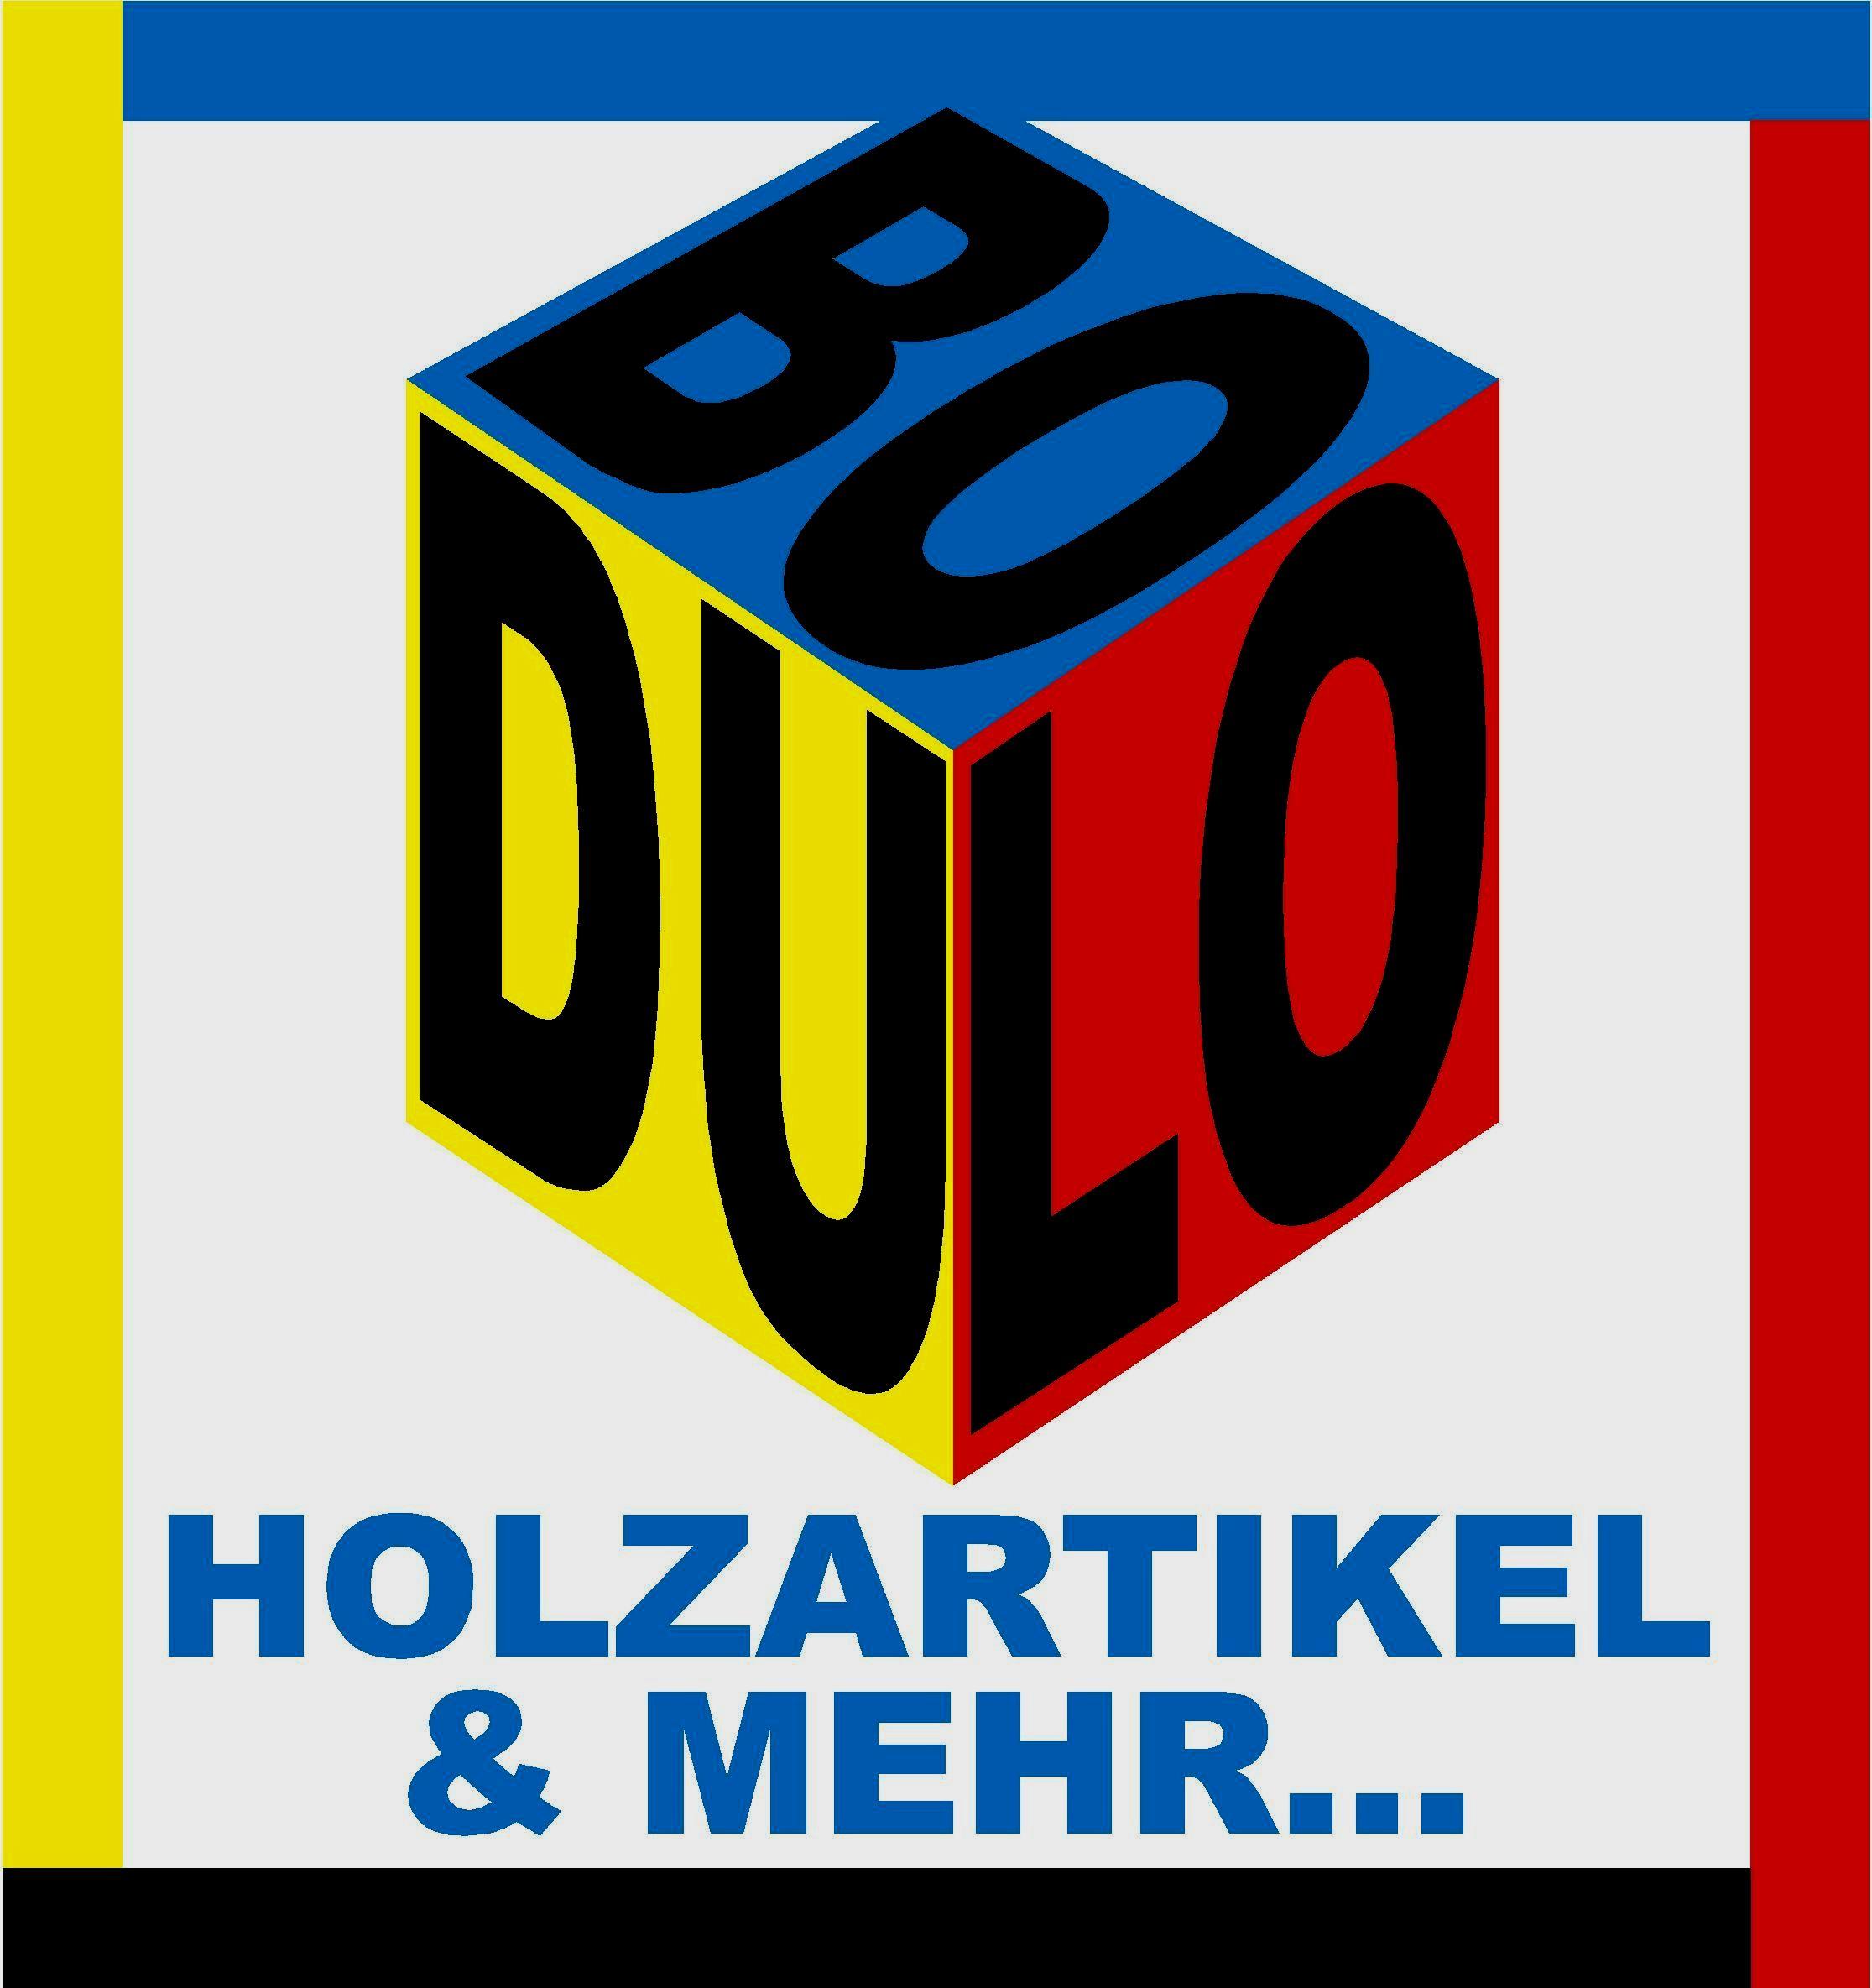 BODULO Holzartikel & Mehr